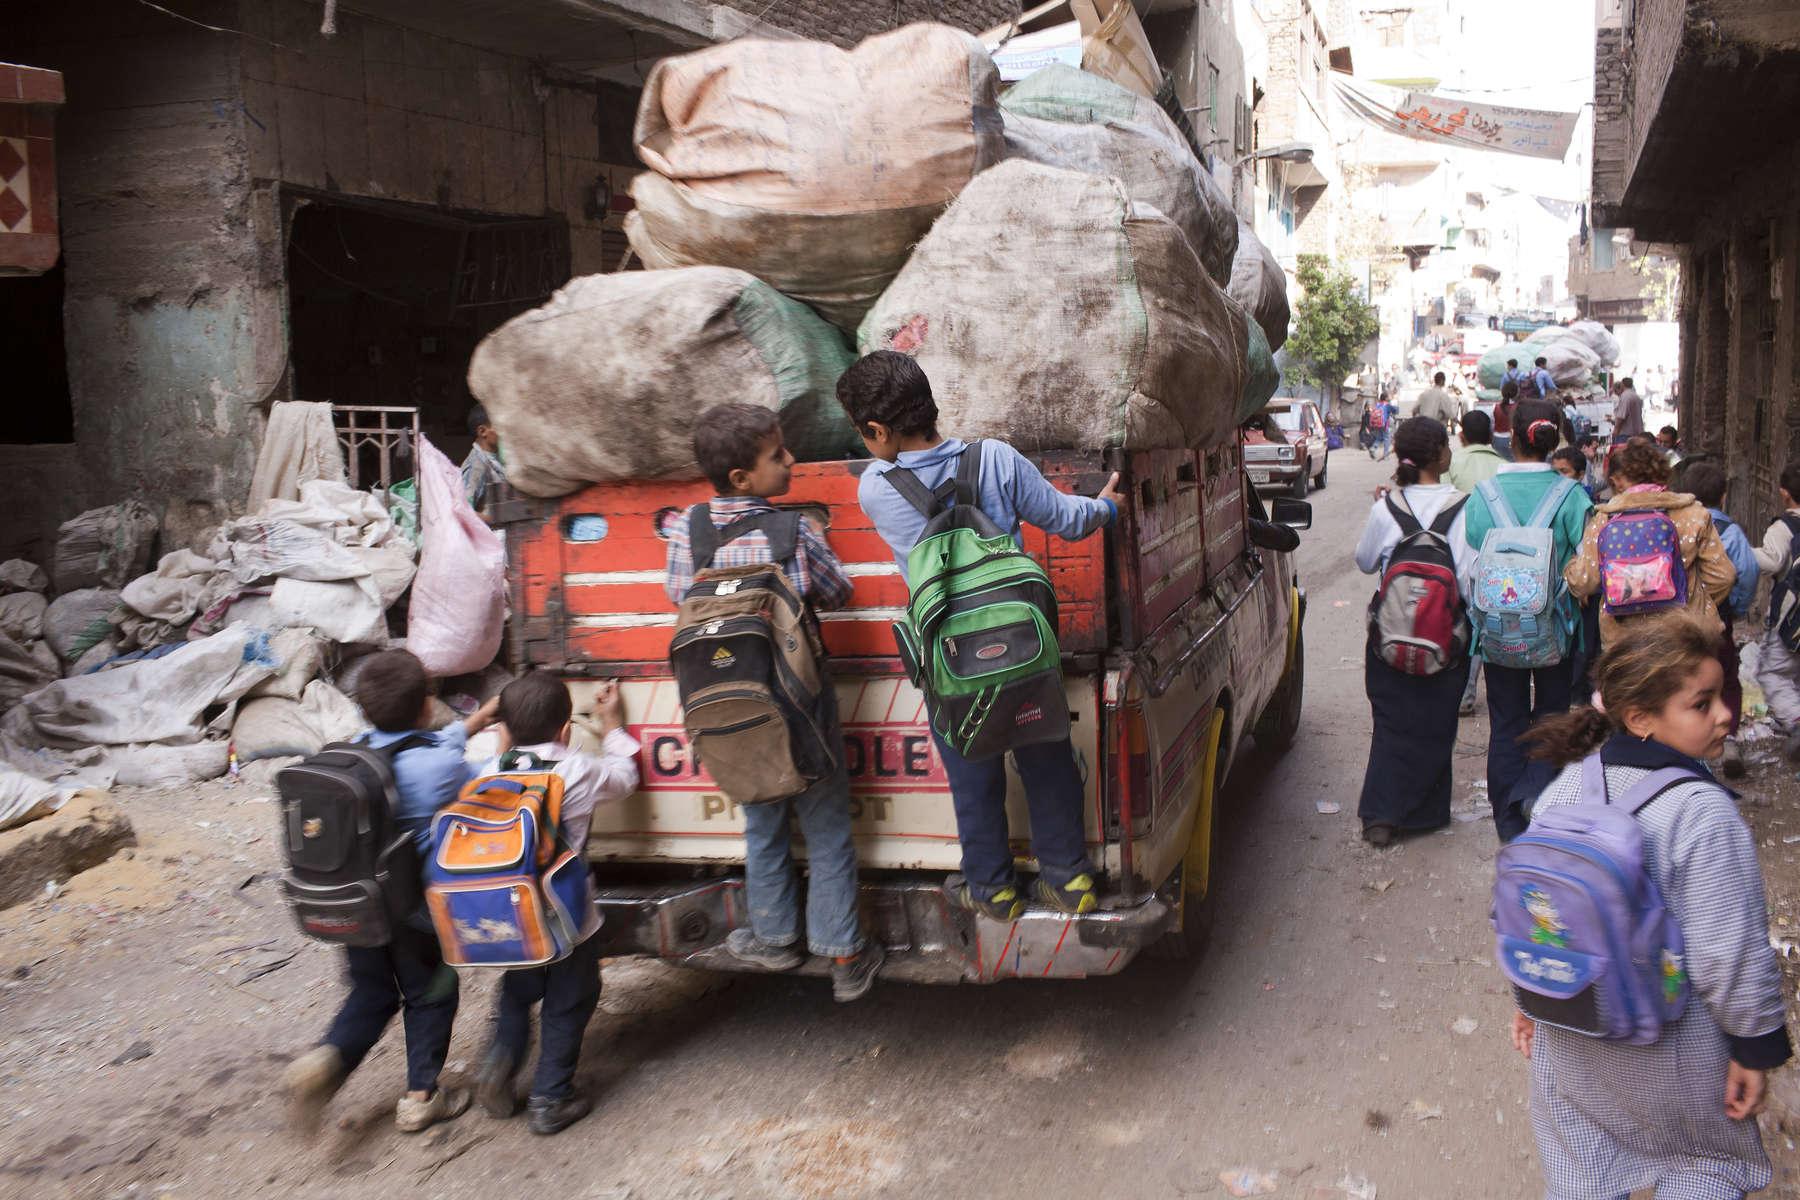 Zabaleen of Moqqatam - Children Going To School